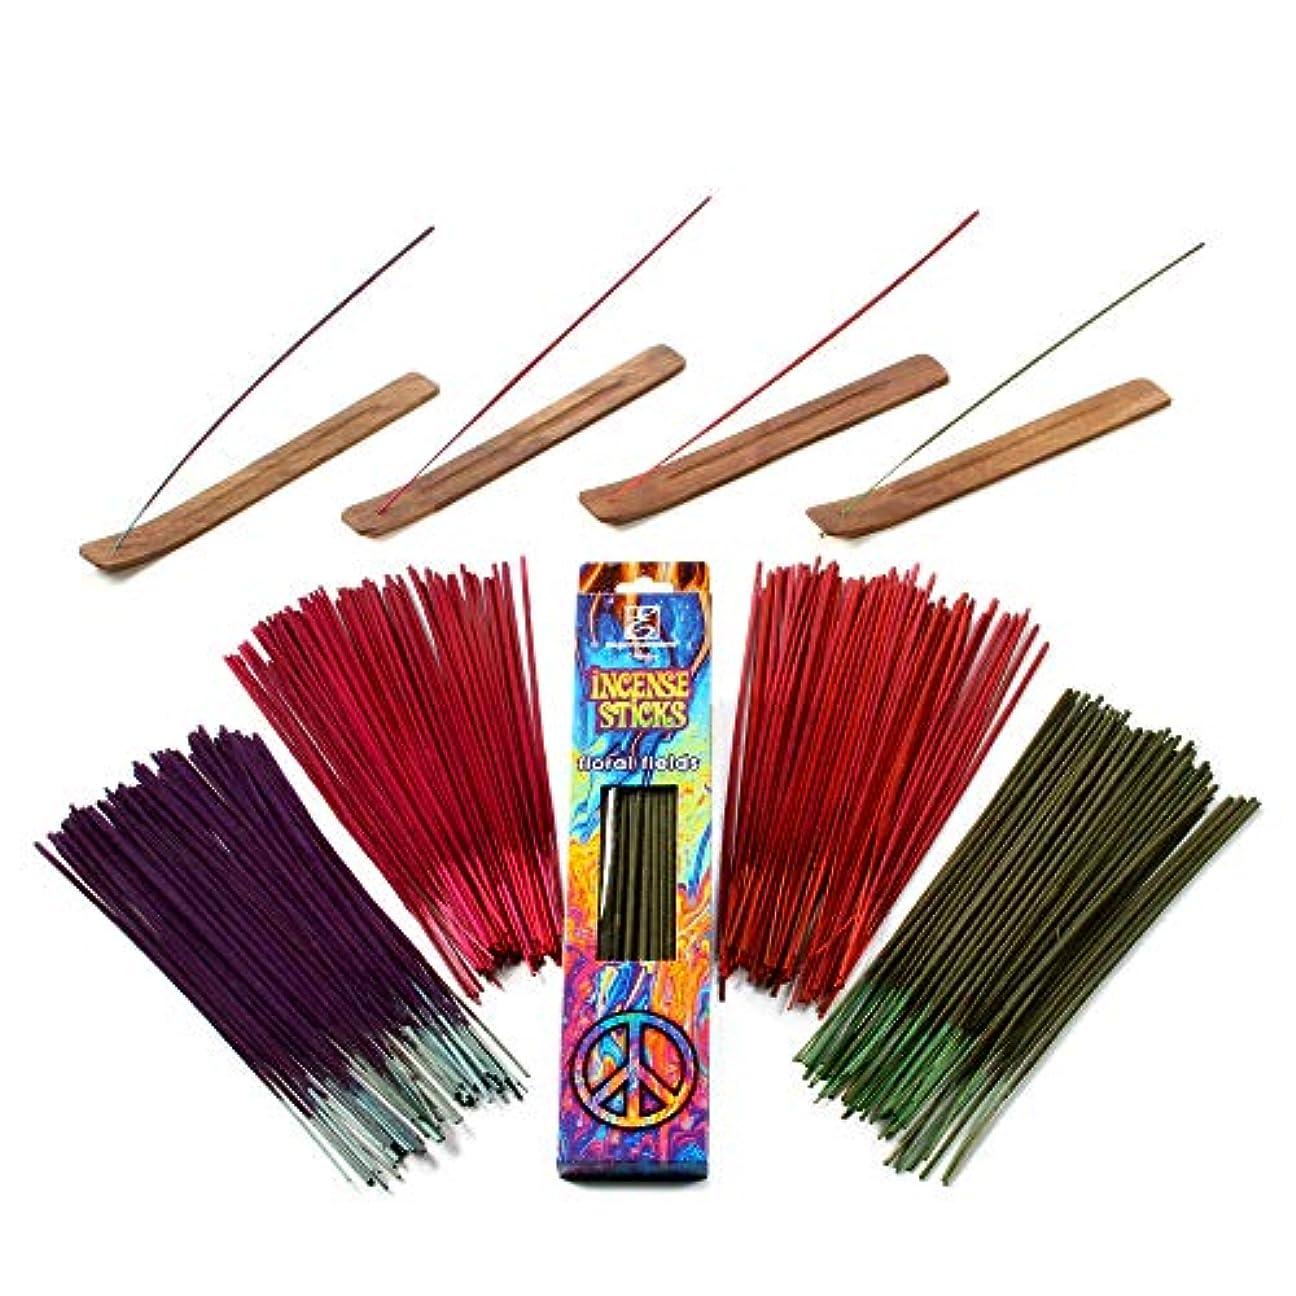 価値のないトーン試みるHosley 260パックAssorted Incense Sticksブラックチェリー、花柄フィールド、Mystical Trails、& Strawberry with 4ホルダー理想の結婚式、Spa ,レイキ、アロマセラピー...